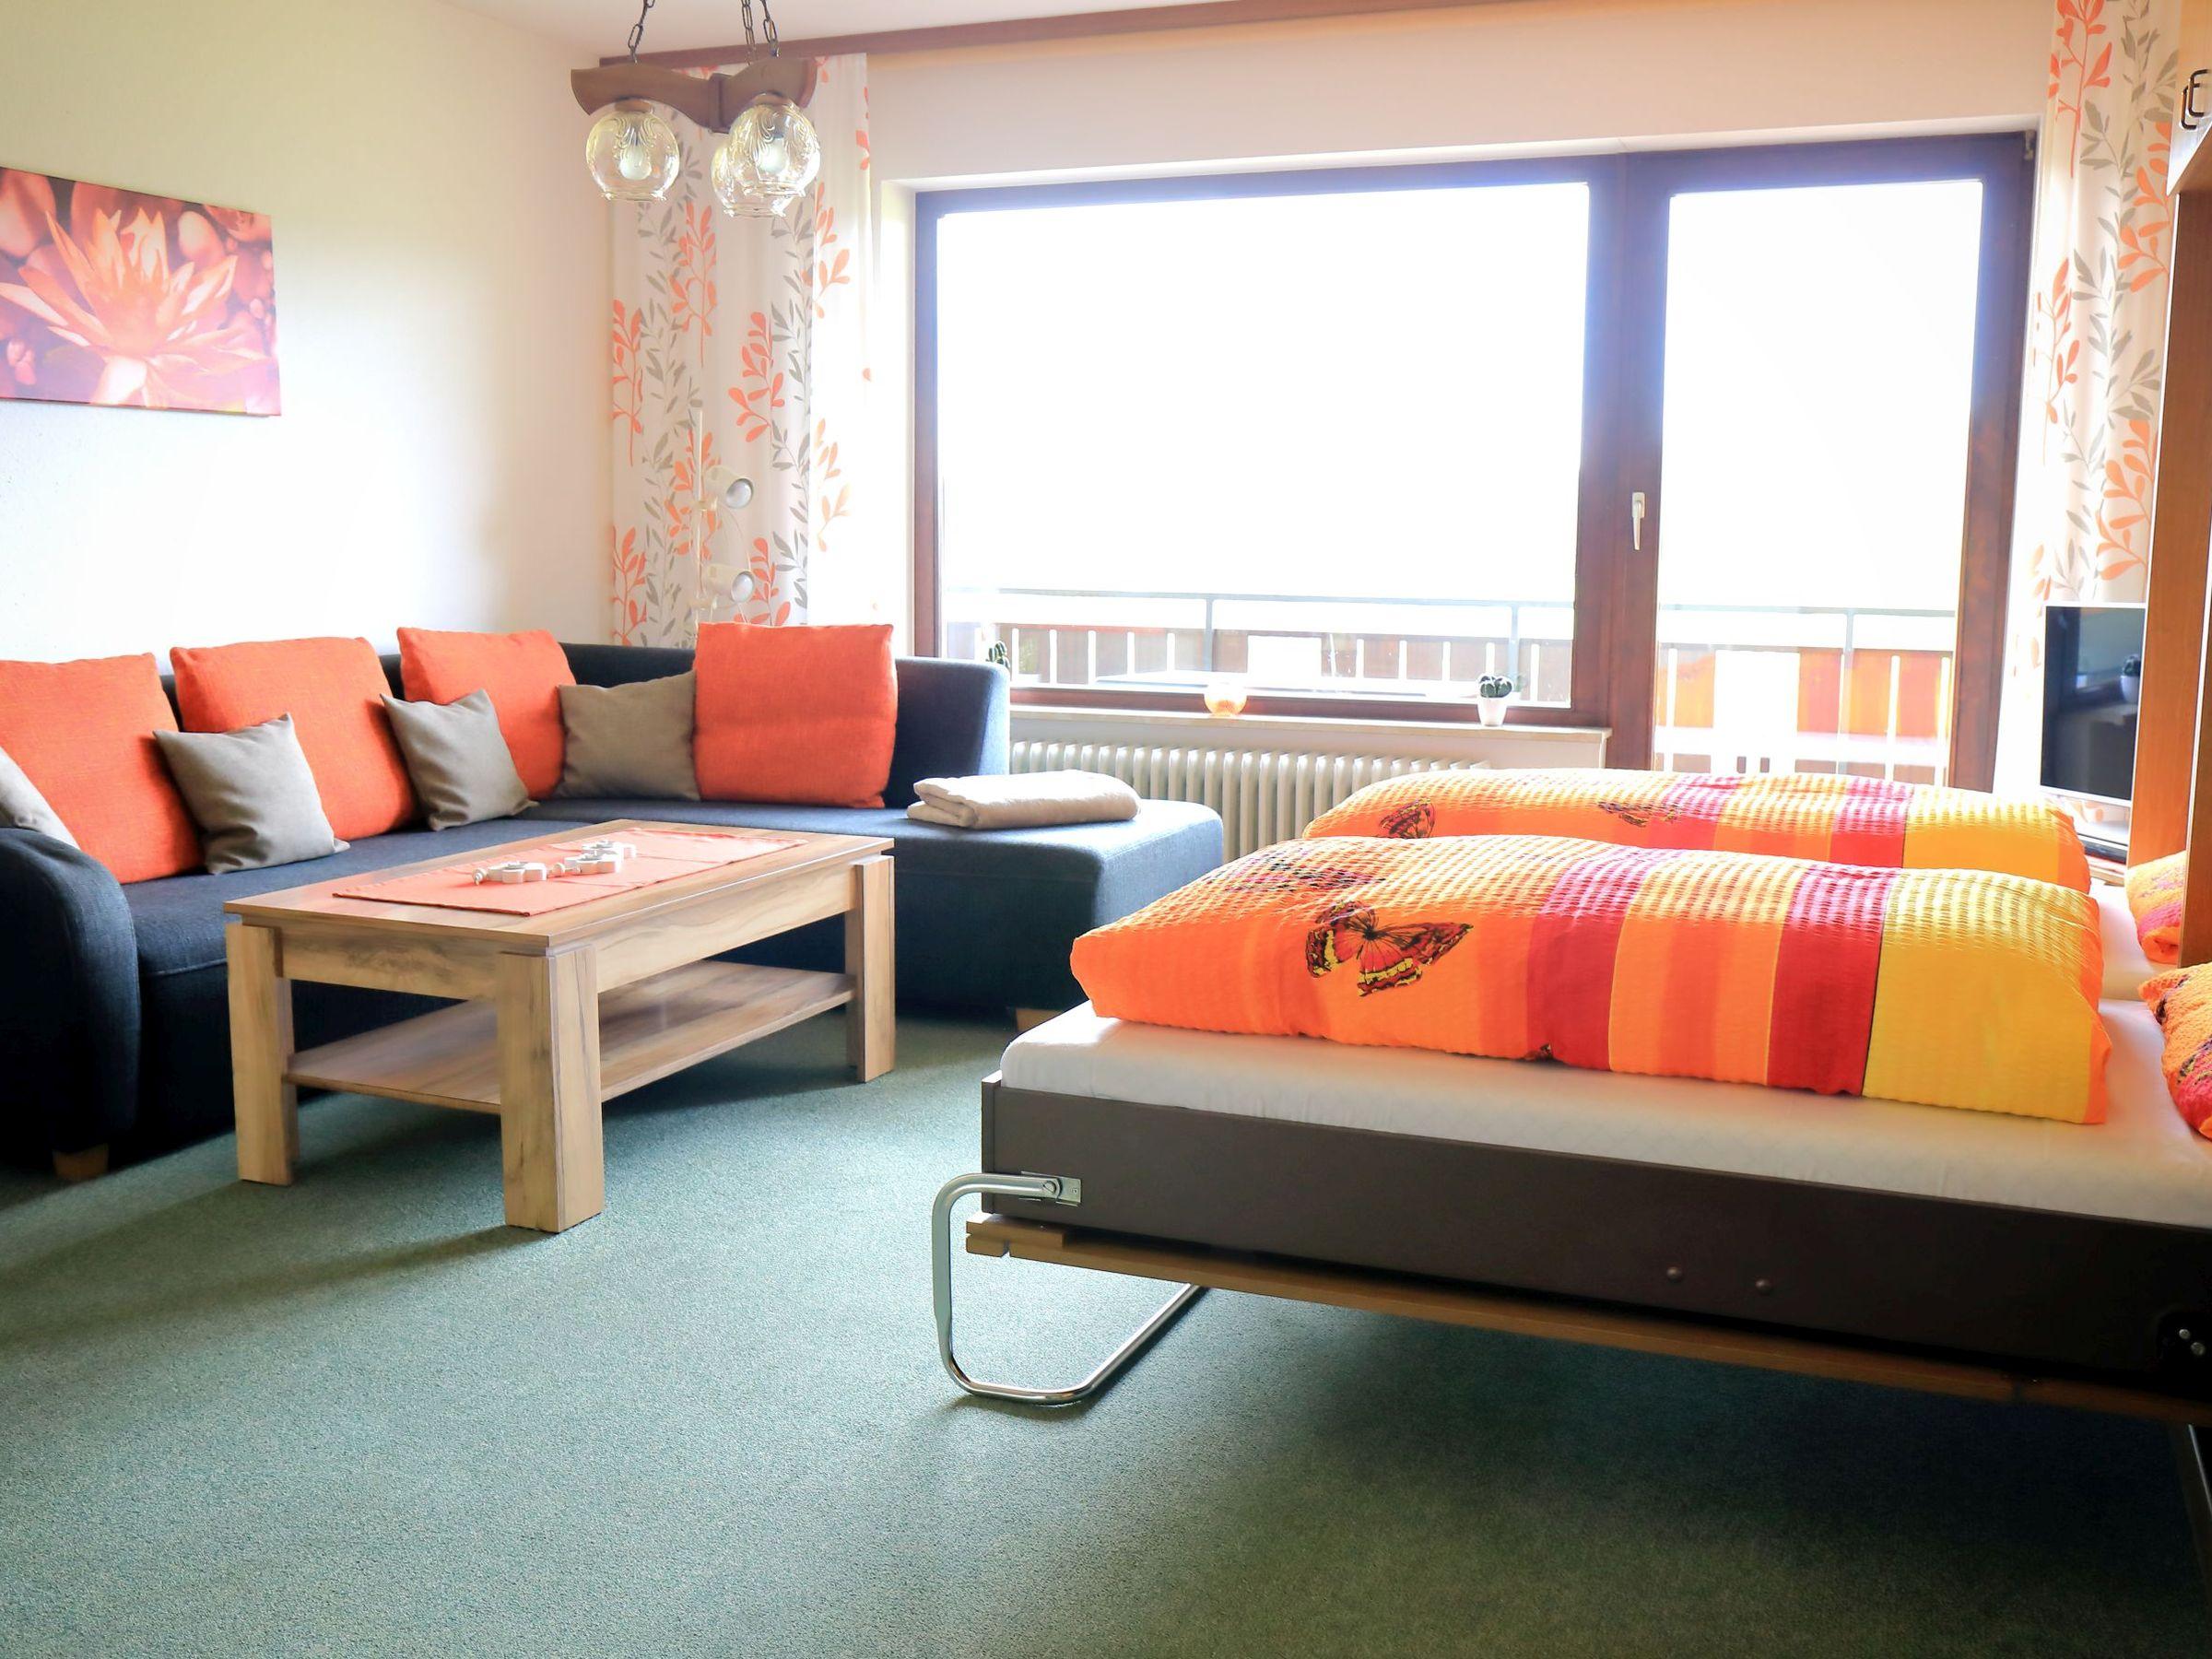 Ferienhaus Haus Monika Ferienwohnungen, (Herrischried). Ferienwohnung Nr. 4, 62 qm, Balkon, 2 Schlafz (2299232), Herrischried, Schwarzwald, Baden-Württemberg, Deutschland, Bild 8